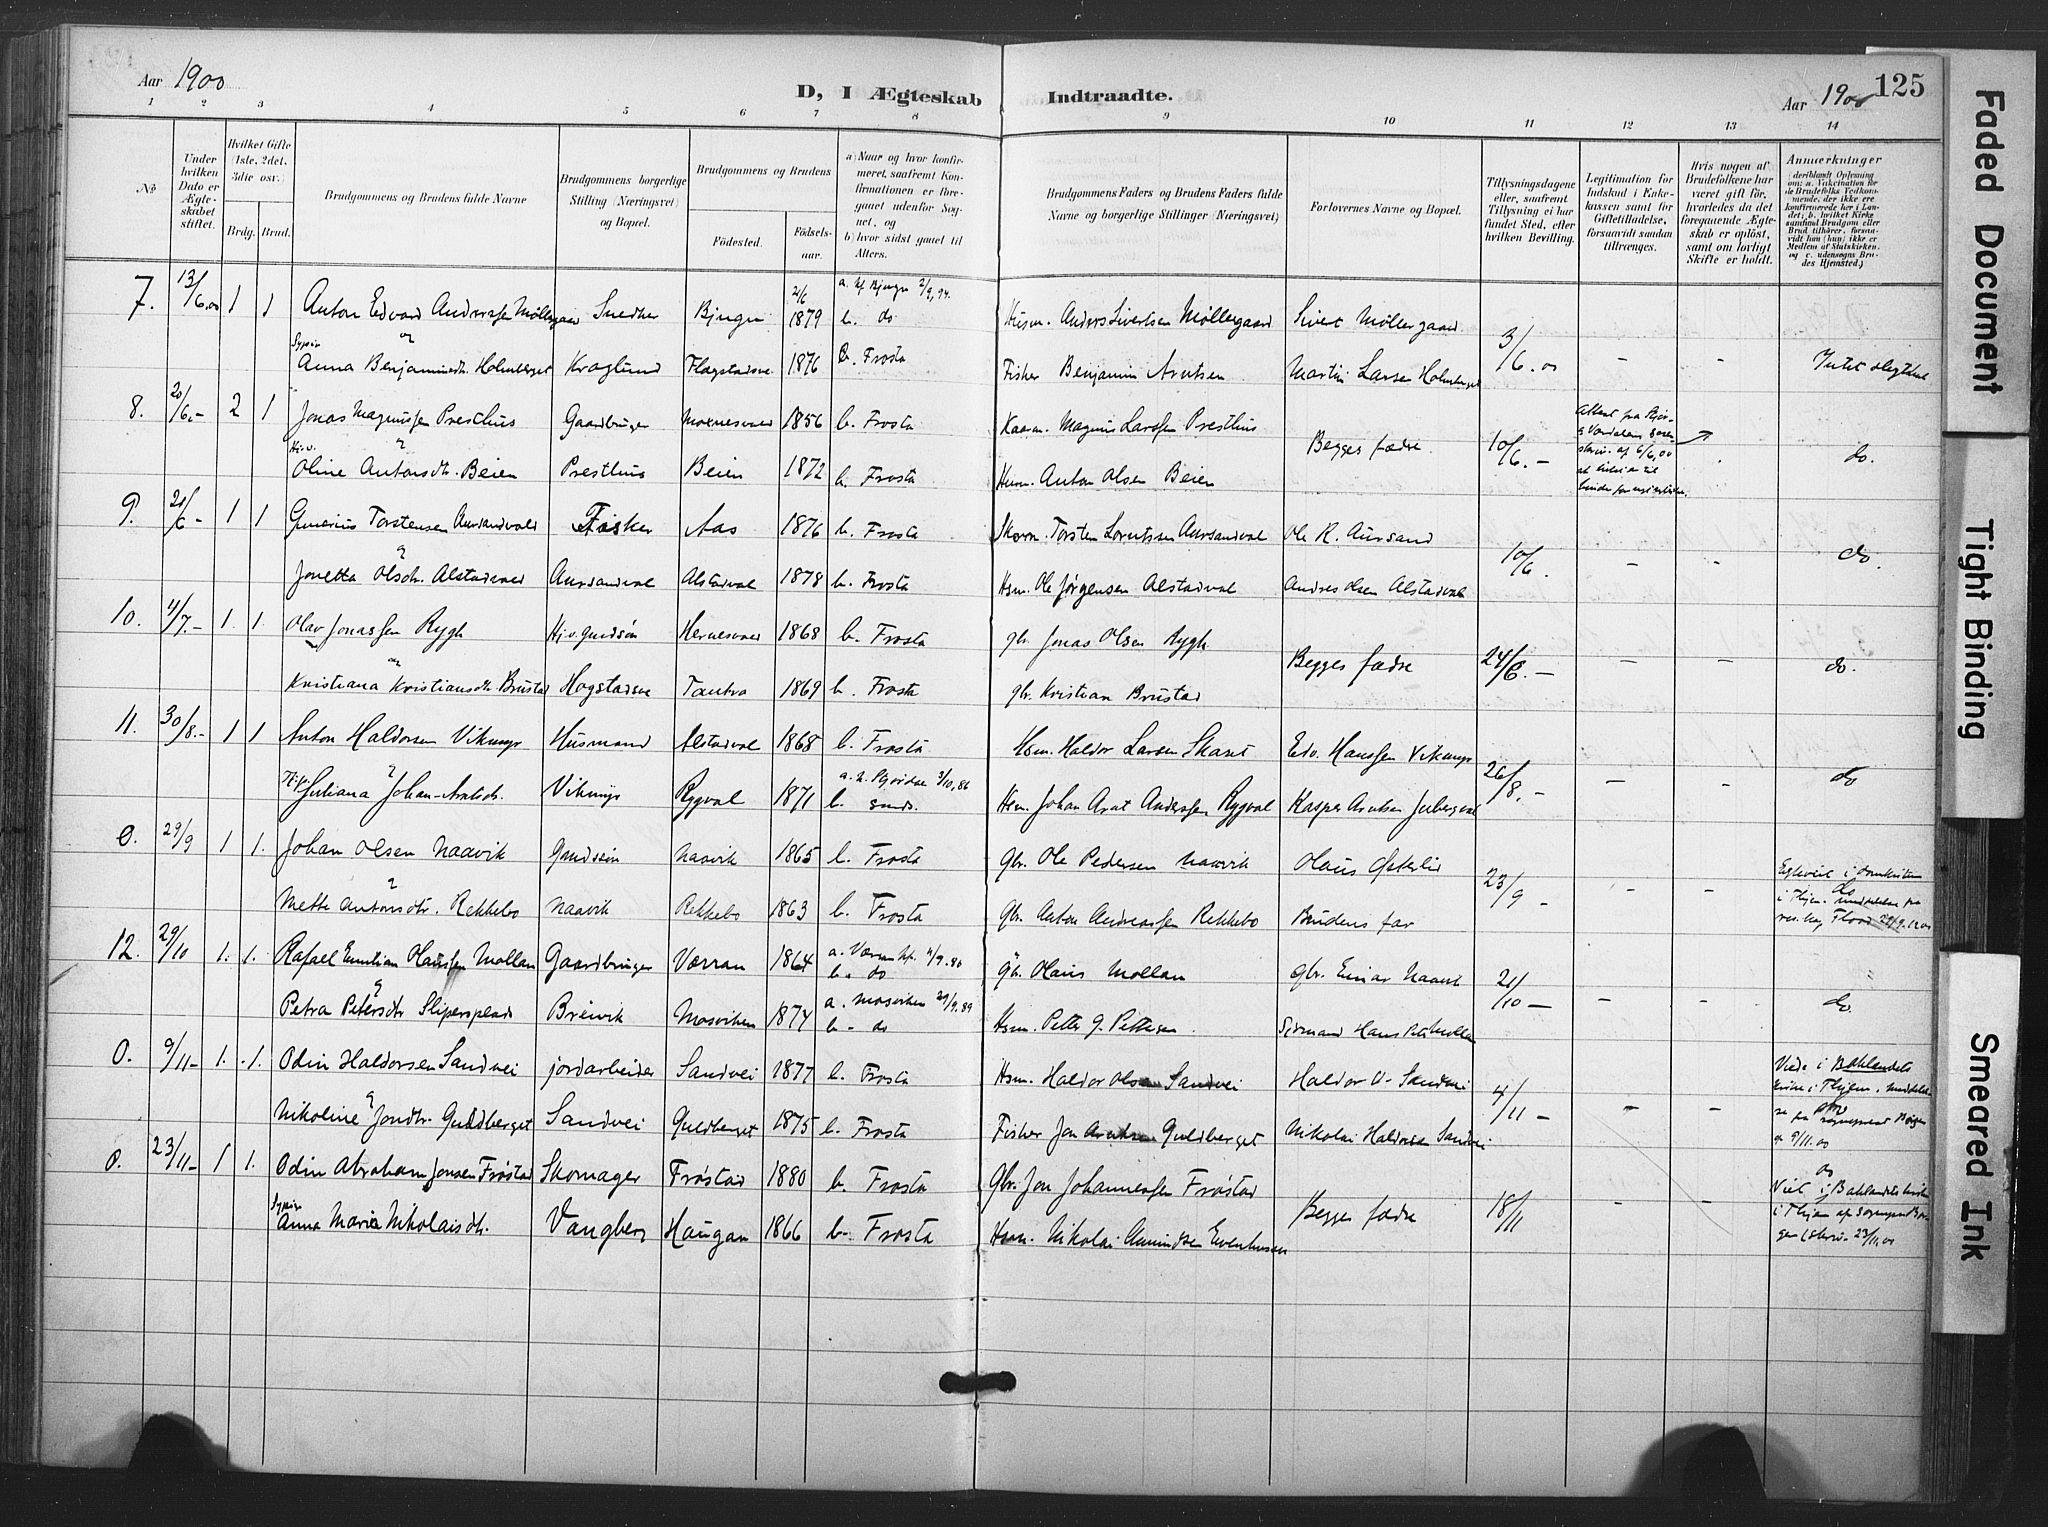 SAT, Ministerialprotokoller, klokkerbøker og fødselsregistre - Nord-Trøndelag, 713/L0122: Ministerialbok nr. 713A11, 1899-1910, s. 125